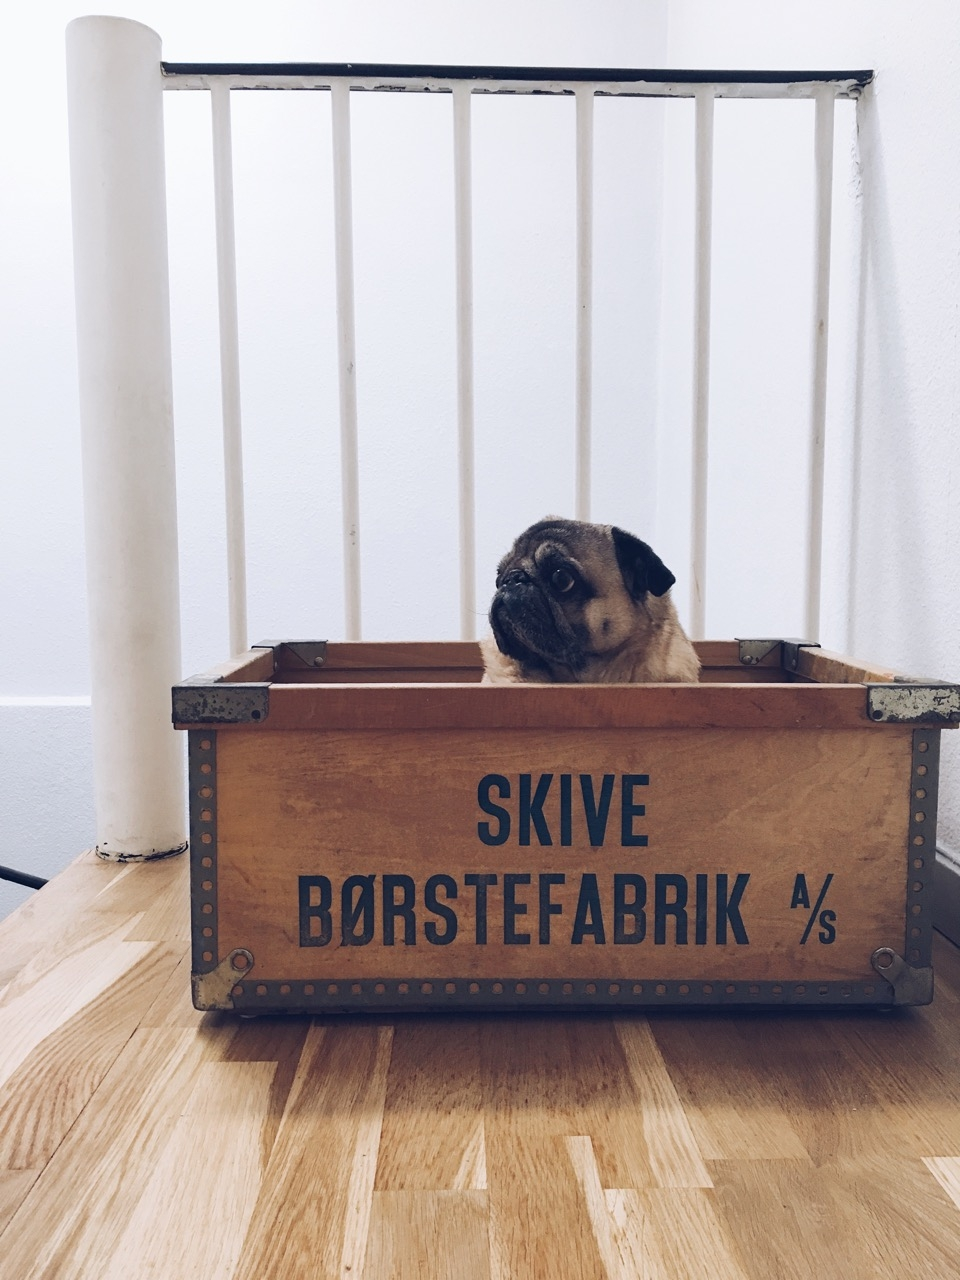 Anton_skive_boerstefabrik